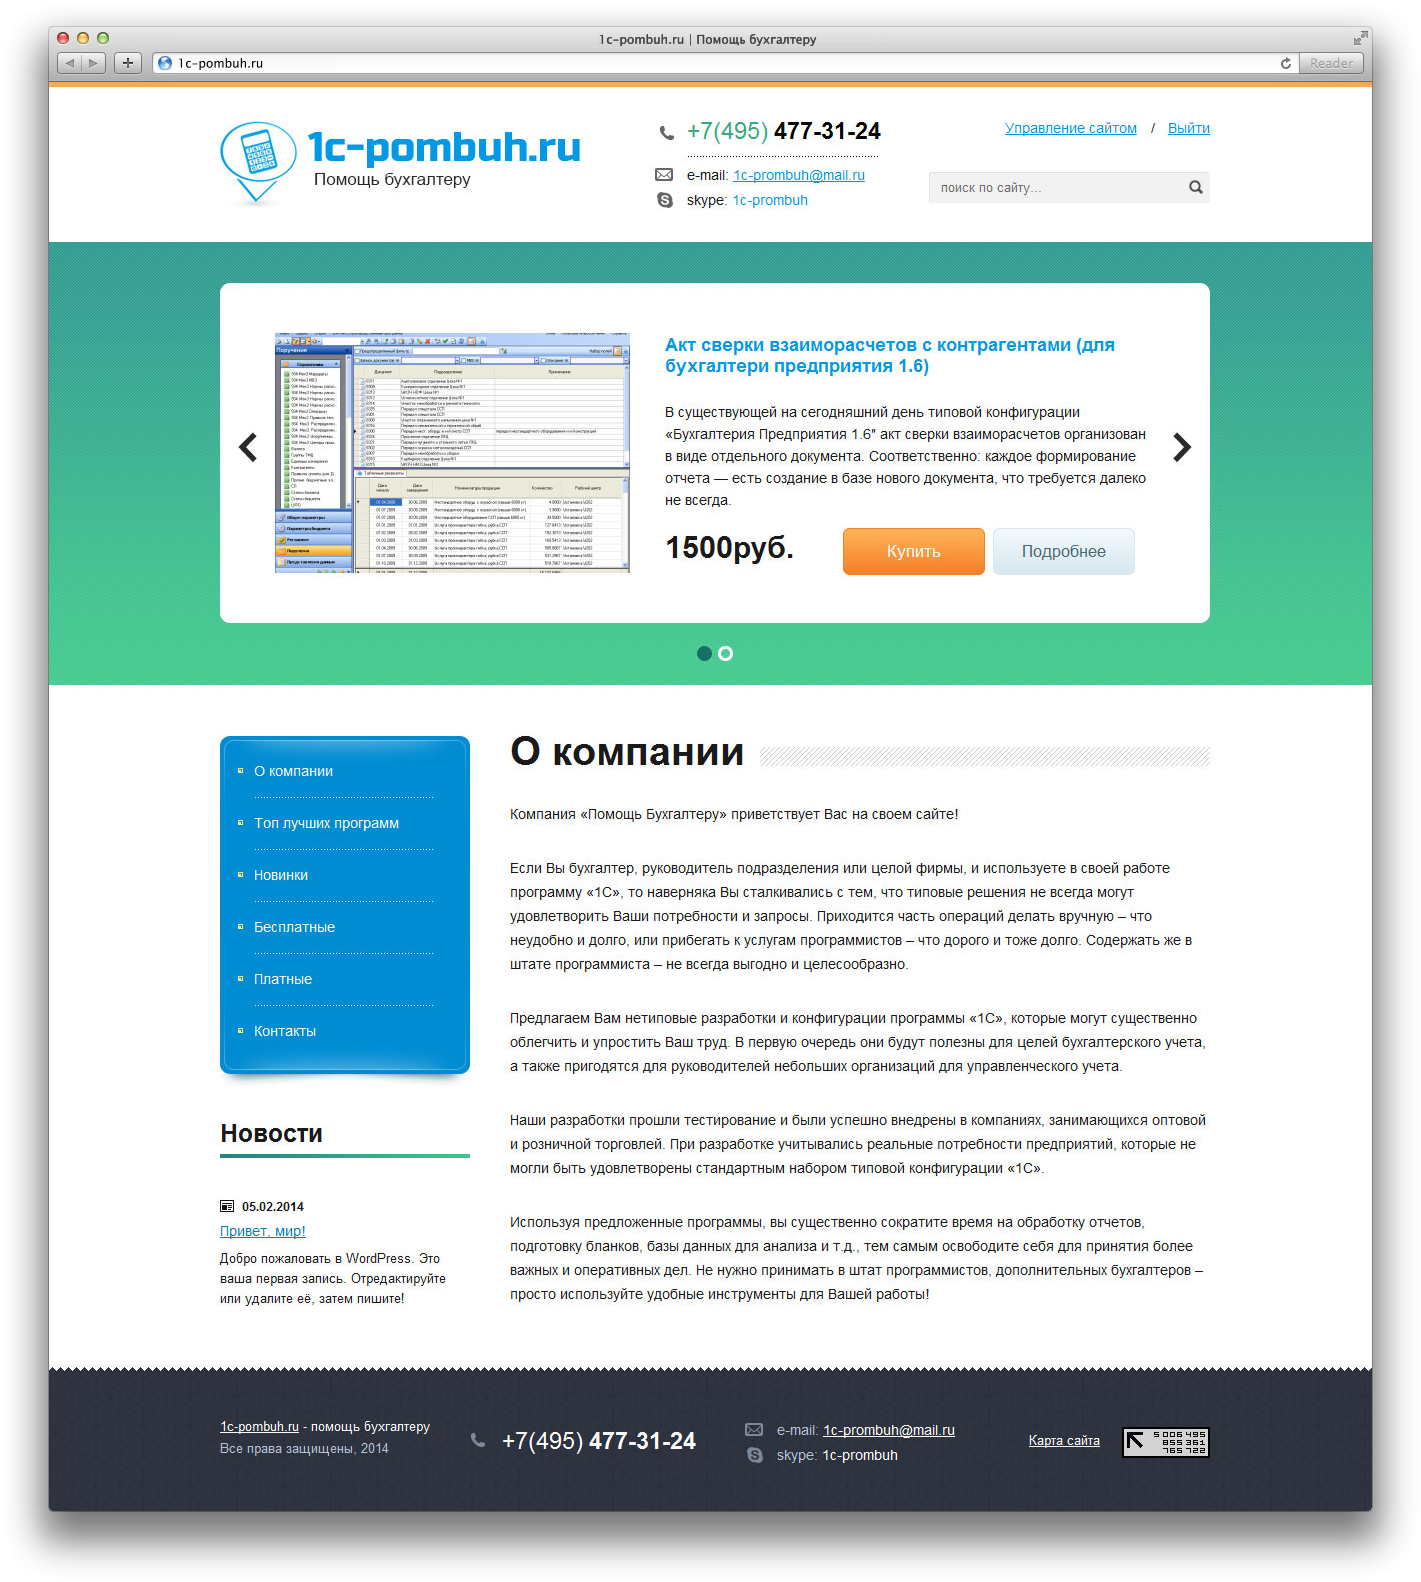 1c-pombuh.ru | Помощь бухгалтеру